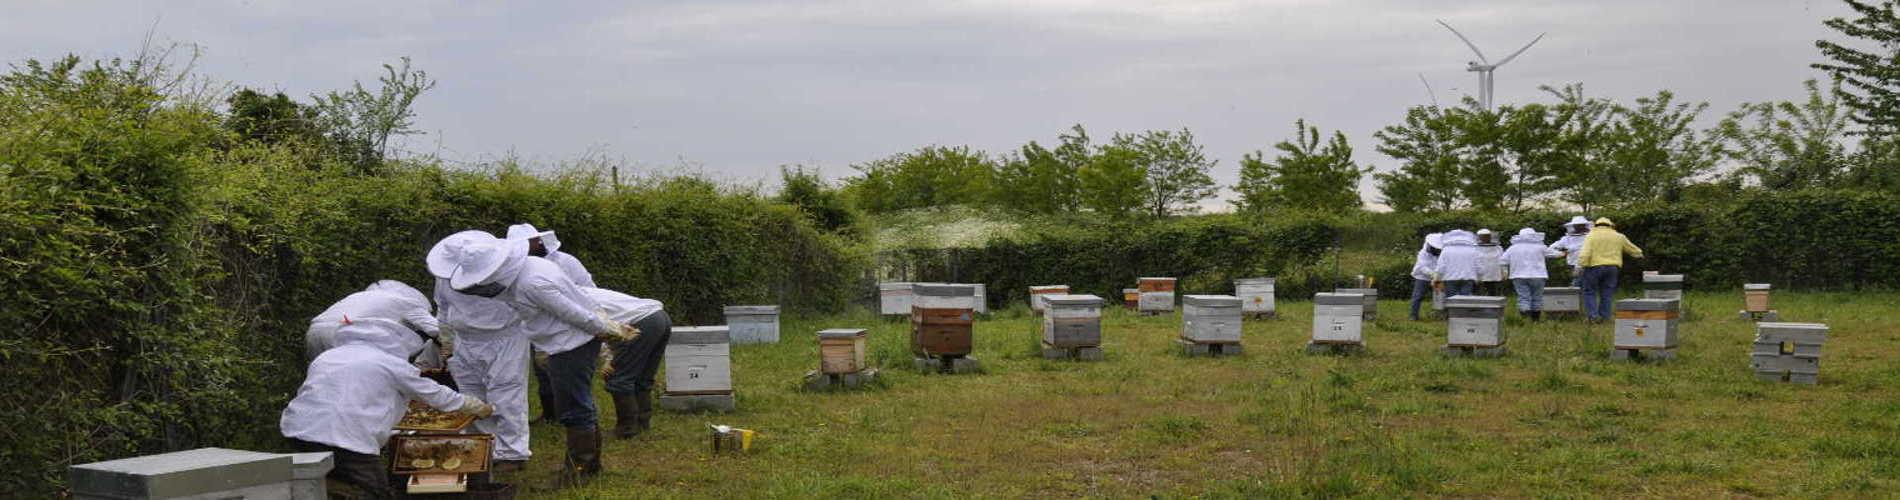 Découvrir l'apiculture et l'abeille